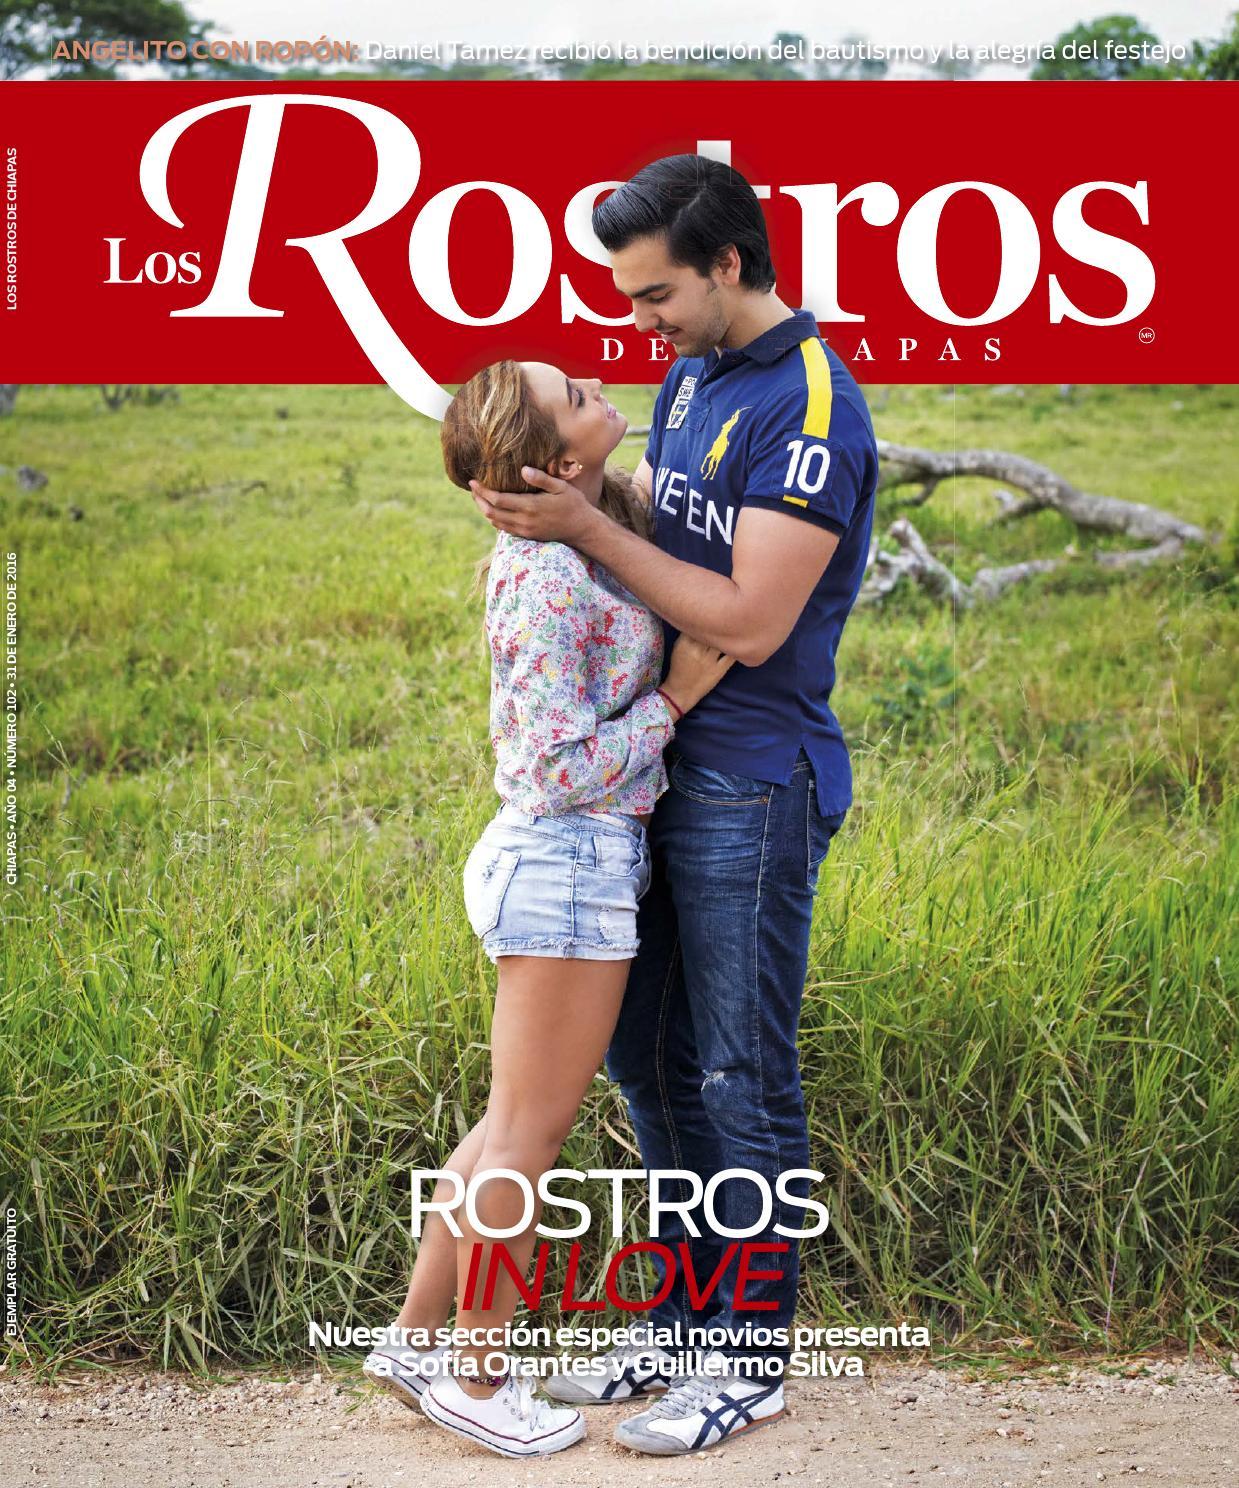 Los Rostros de Chiapas by karina sh issuu